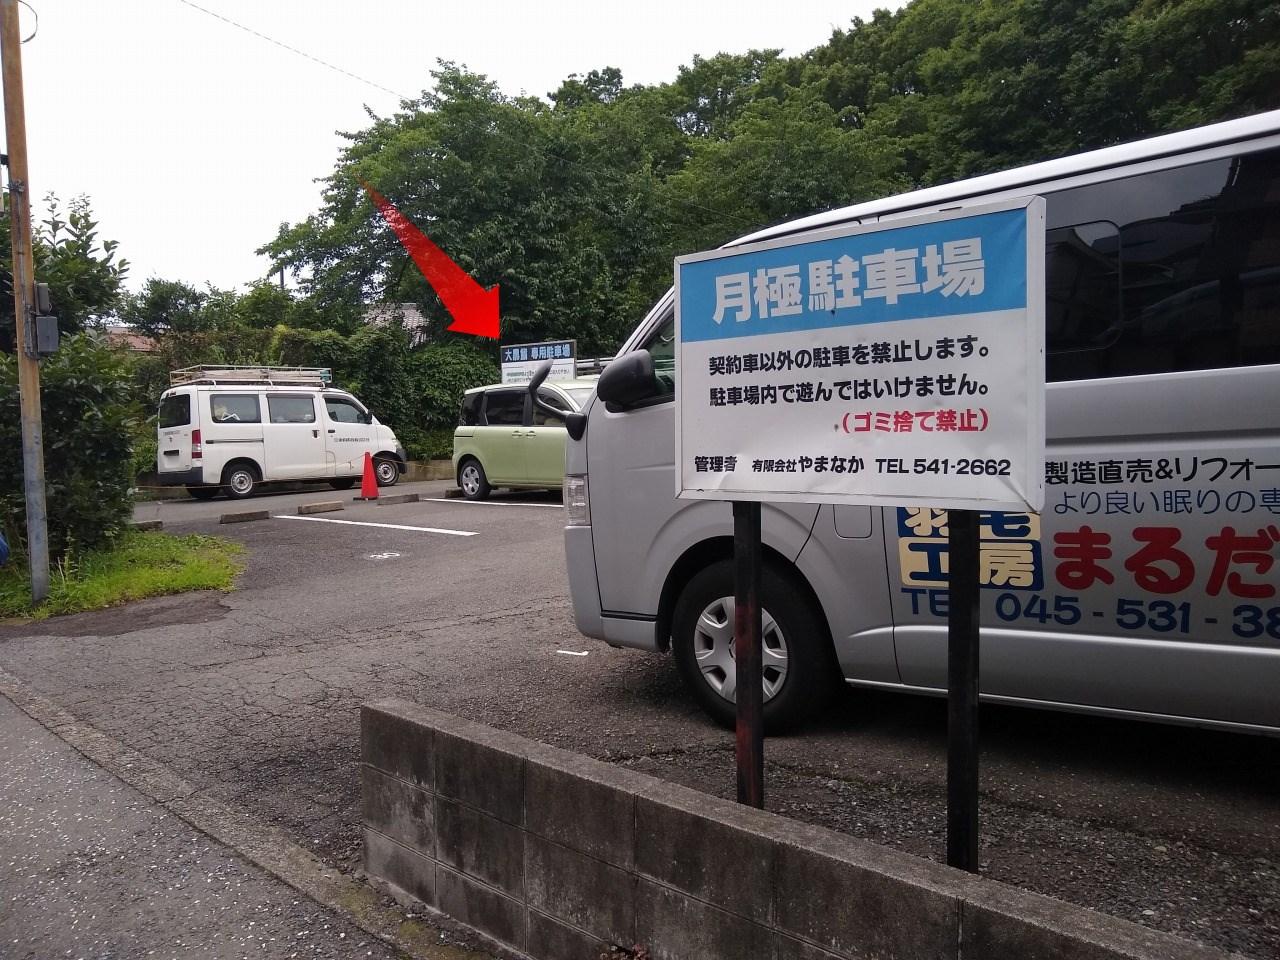 大黒鮨駐車場